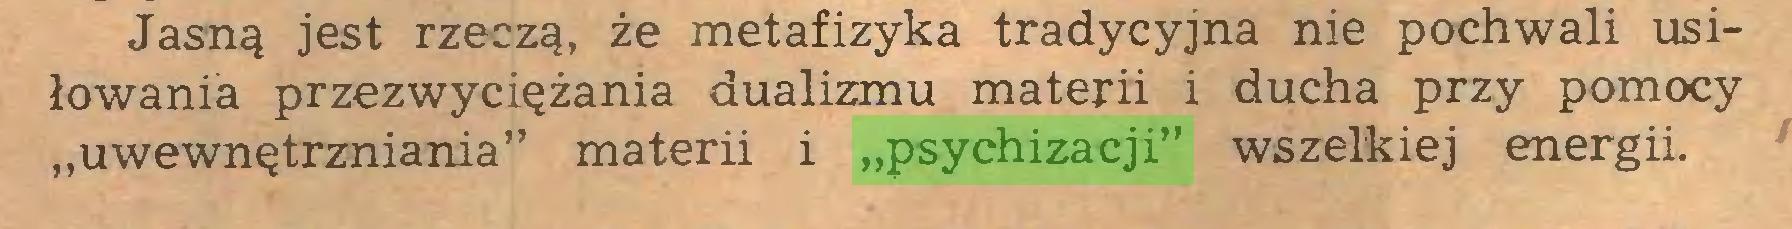 """(...) Jasną jest rzeczą, że metafizyka tradycyjna nie pochwali usiłowania przezwyciężania dualizmu materii i ducha przy pomocy """"uwewnętrzniania"""" materii i """"psychizacji"""" wszelkiej energii..."""